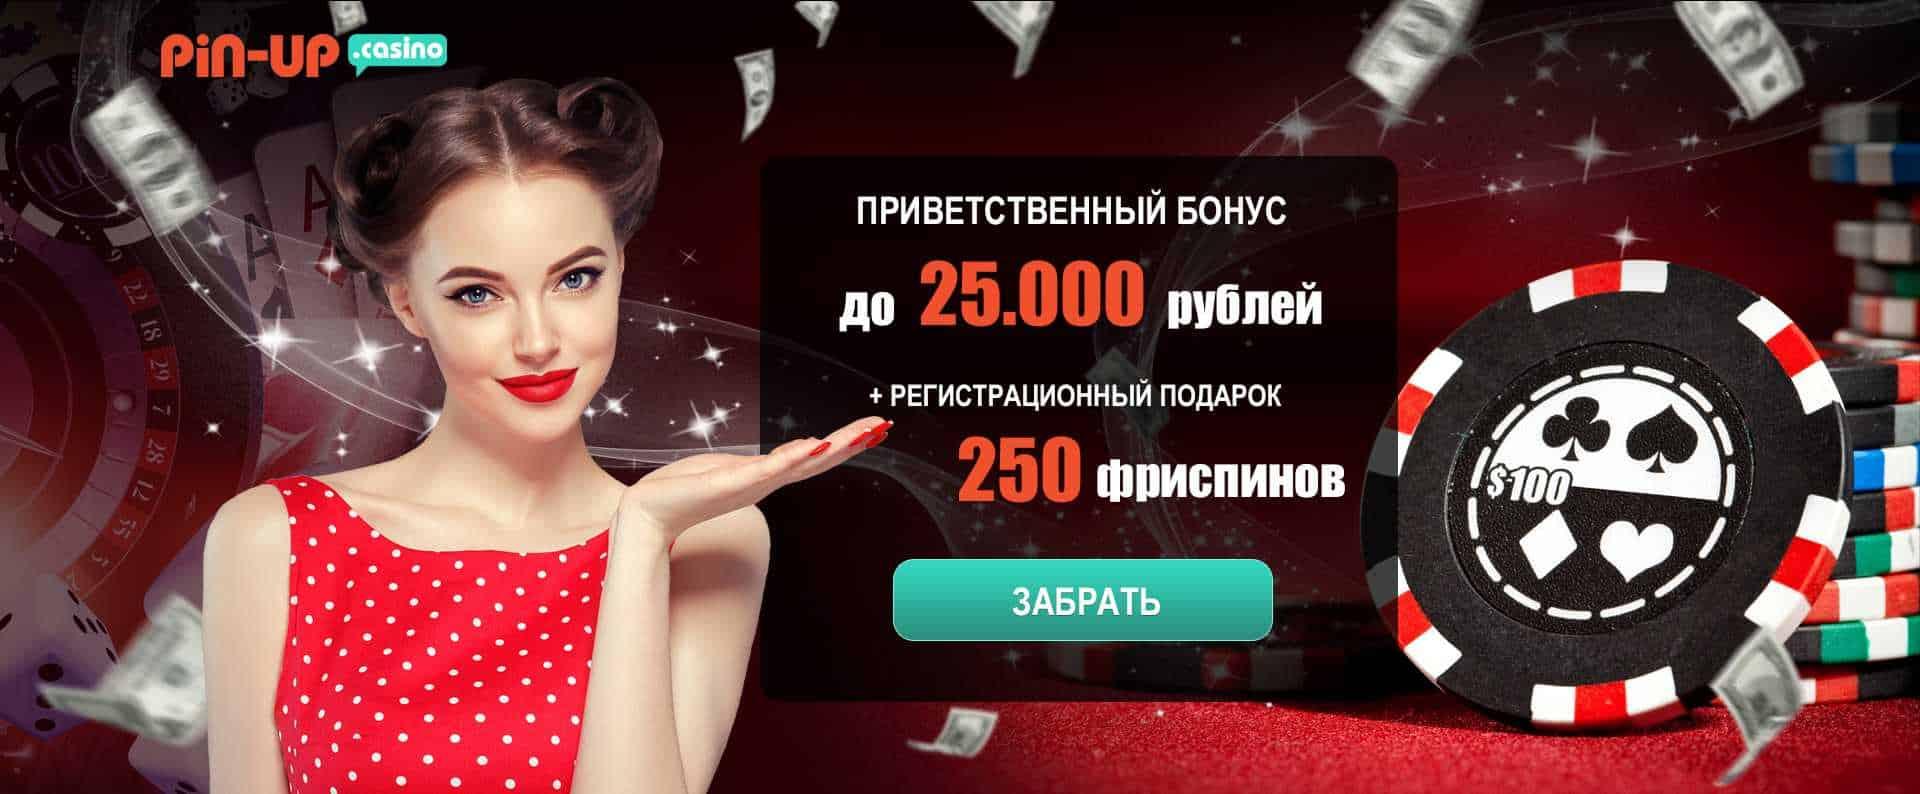 Пин Ап Казино ᐈ Играть На Официальном Сайте Pin Up Casino